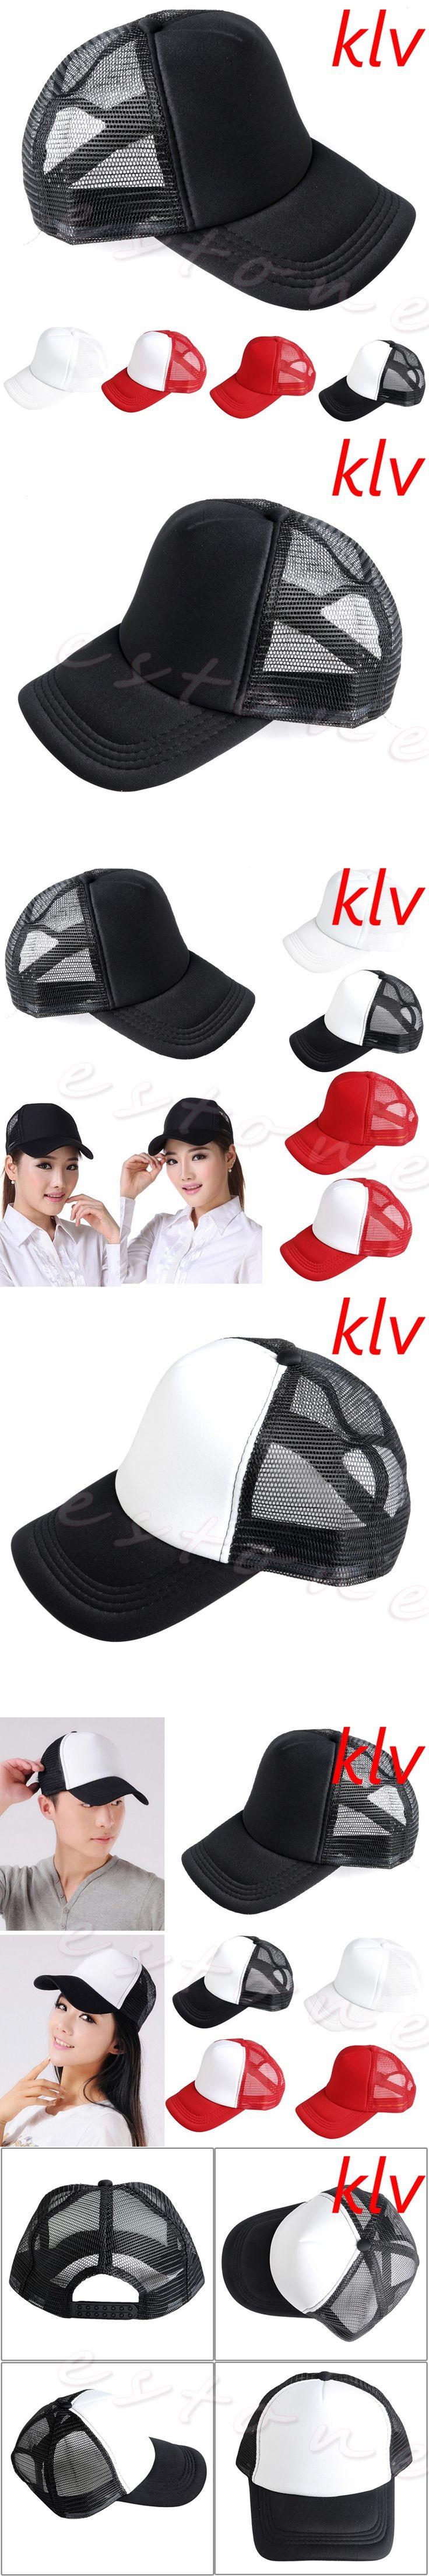 KLV  Adjustable Blank Curved Visor Hat Plain Baseball Cap Solid Trucker Mesh Men Women New Gorros para el sol